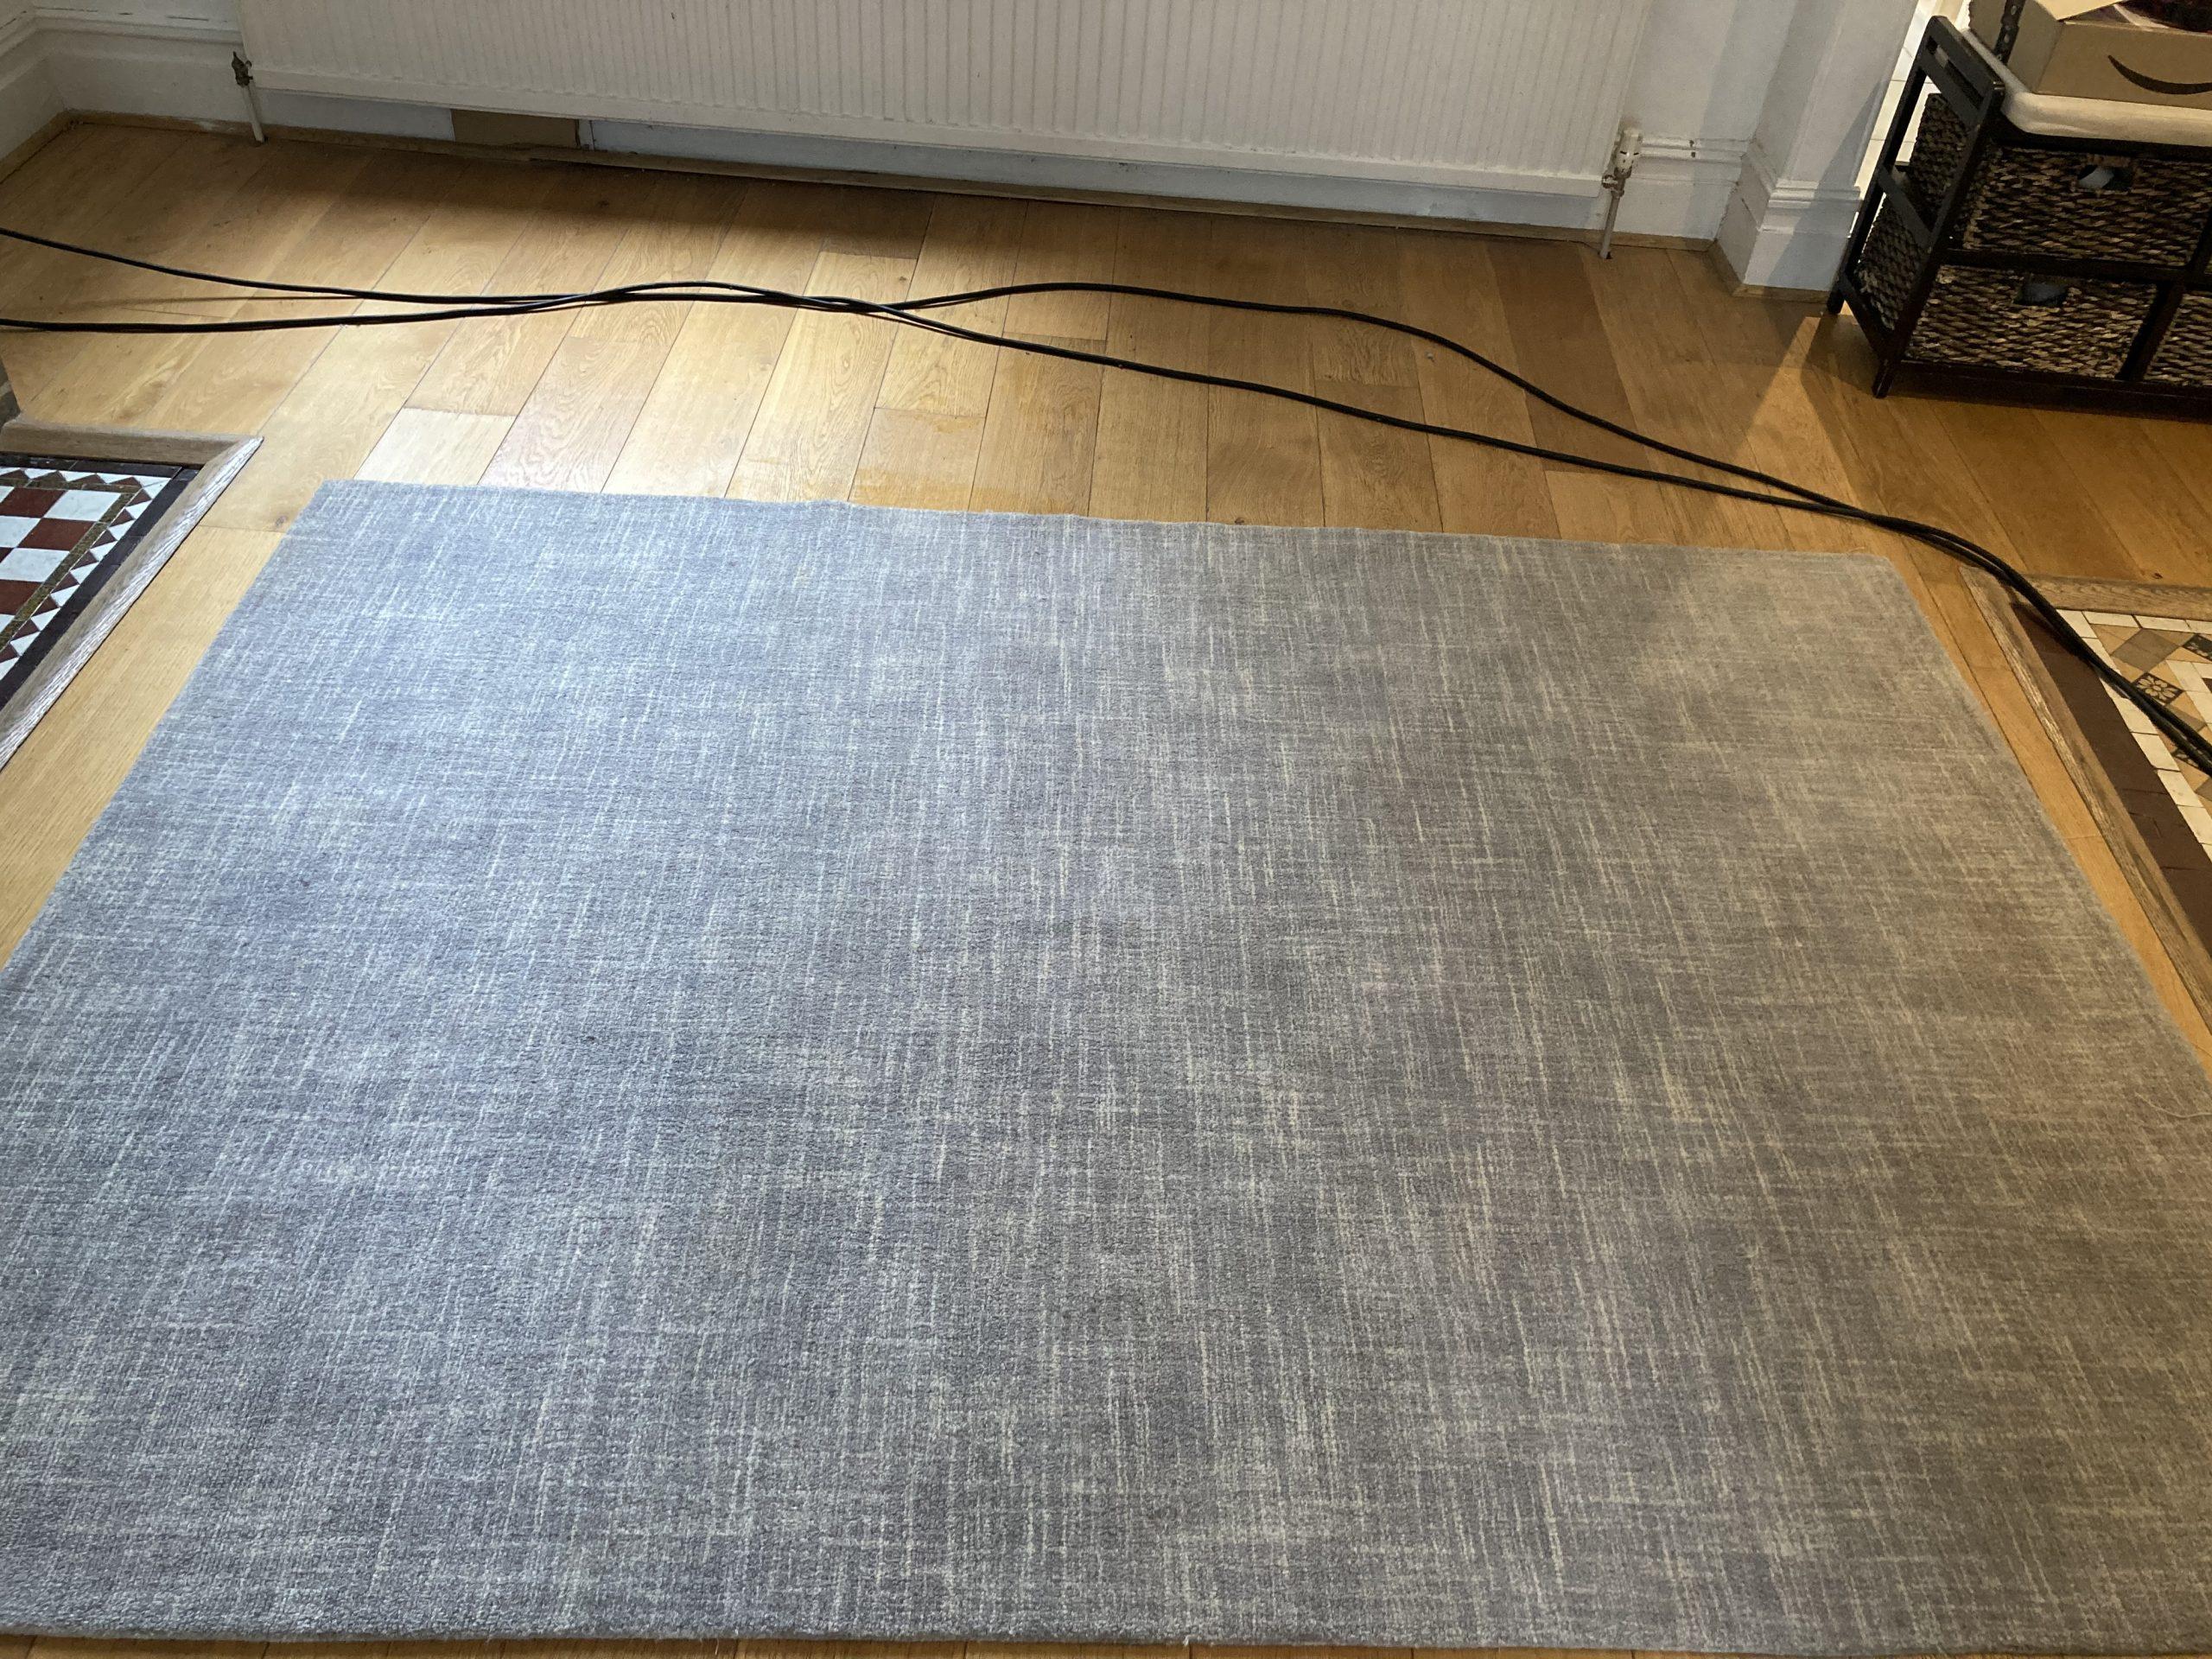 Cleaned rug1